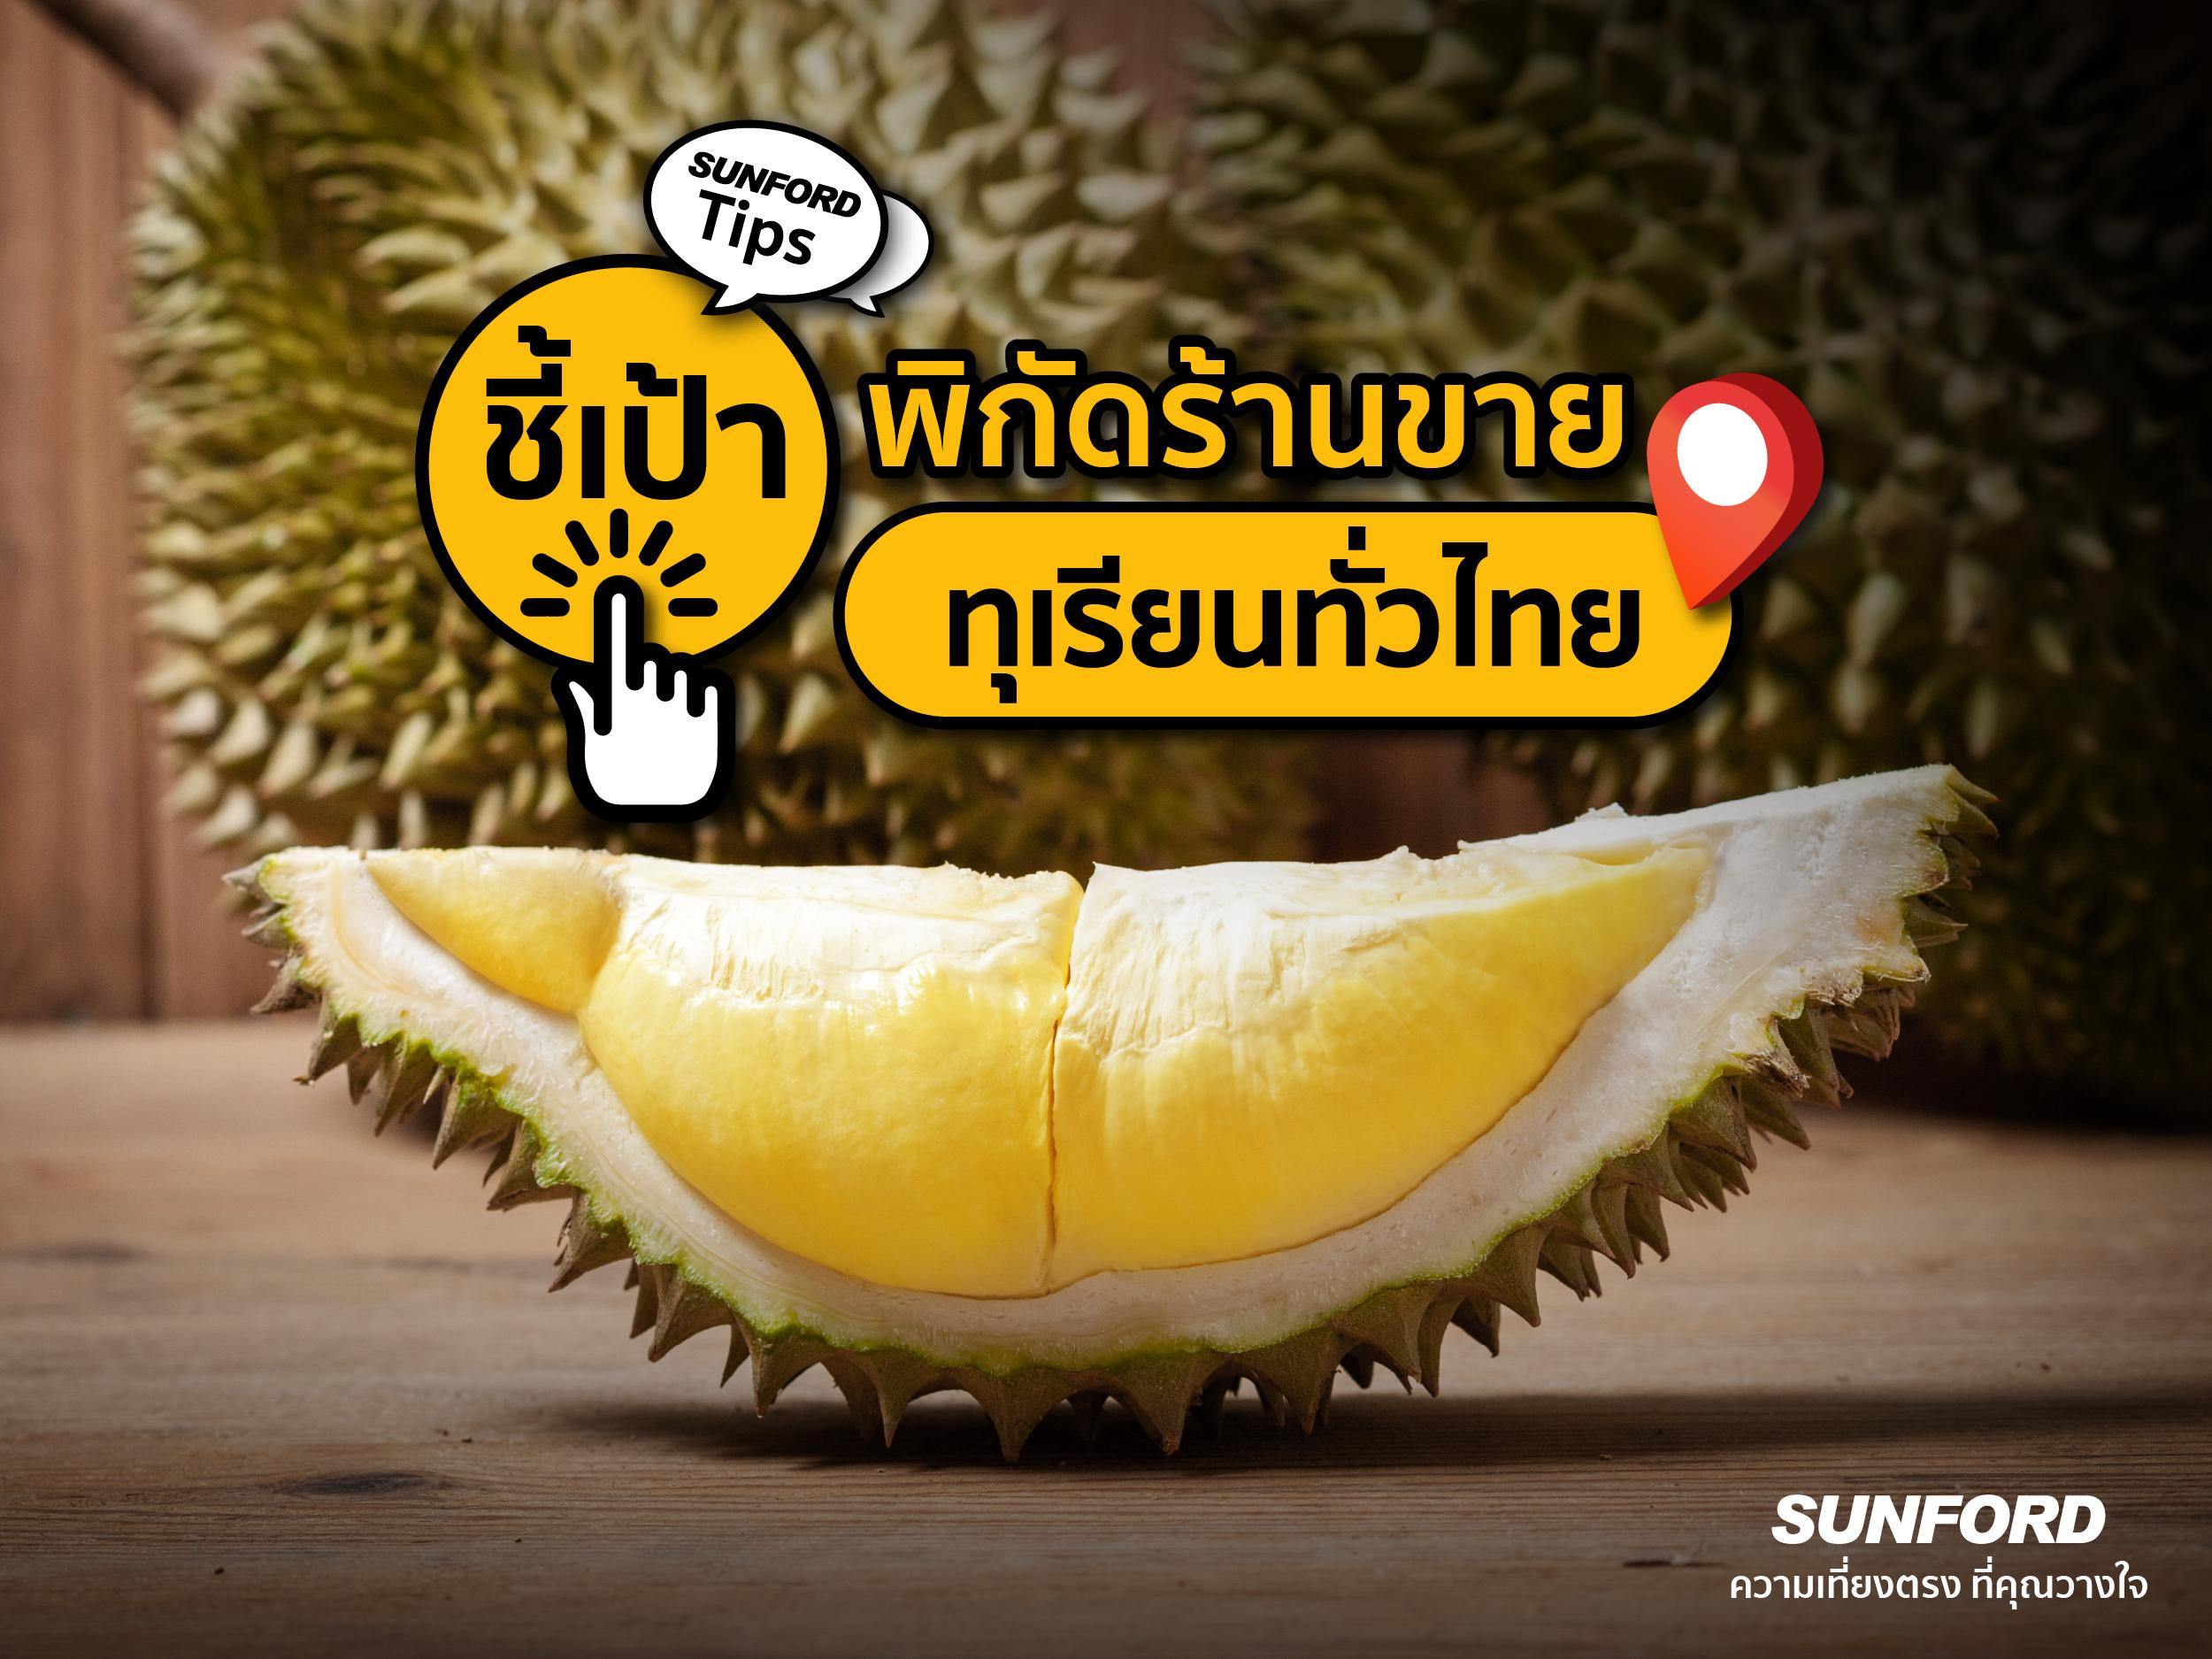 ชี้เป้า พิกัดร้านขายทุเรียนทั่วไทย